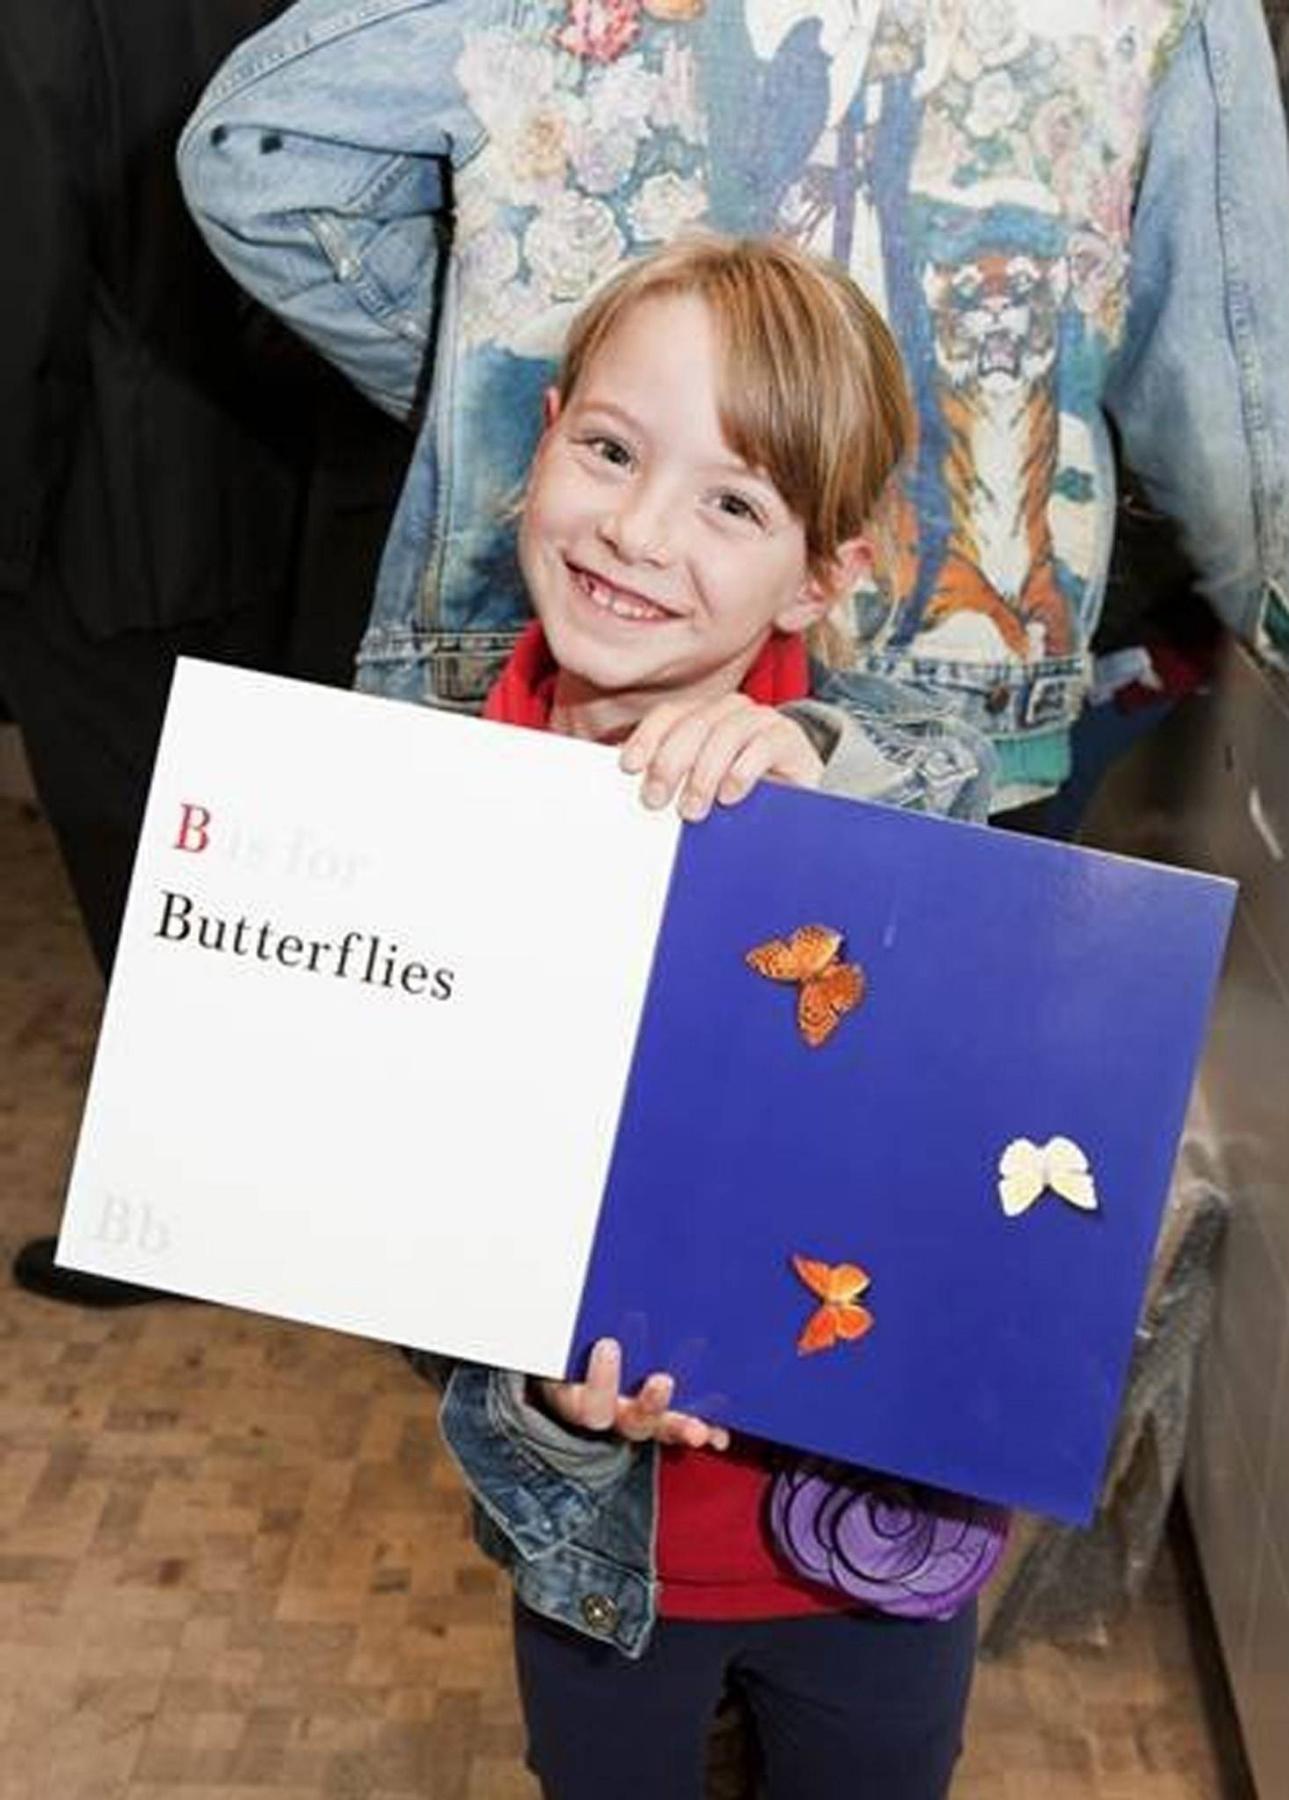 Дэмиен Херст - детям: азбука, Микки, и сердечко для малышки Бэкхем